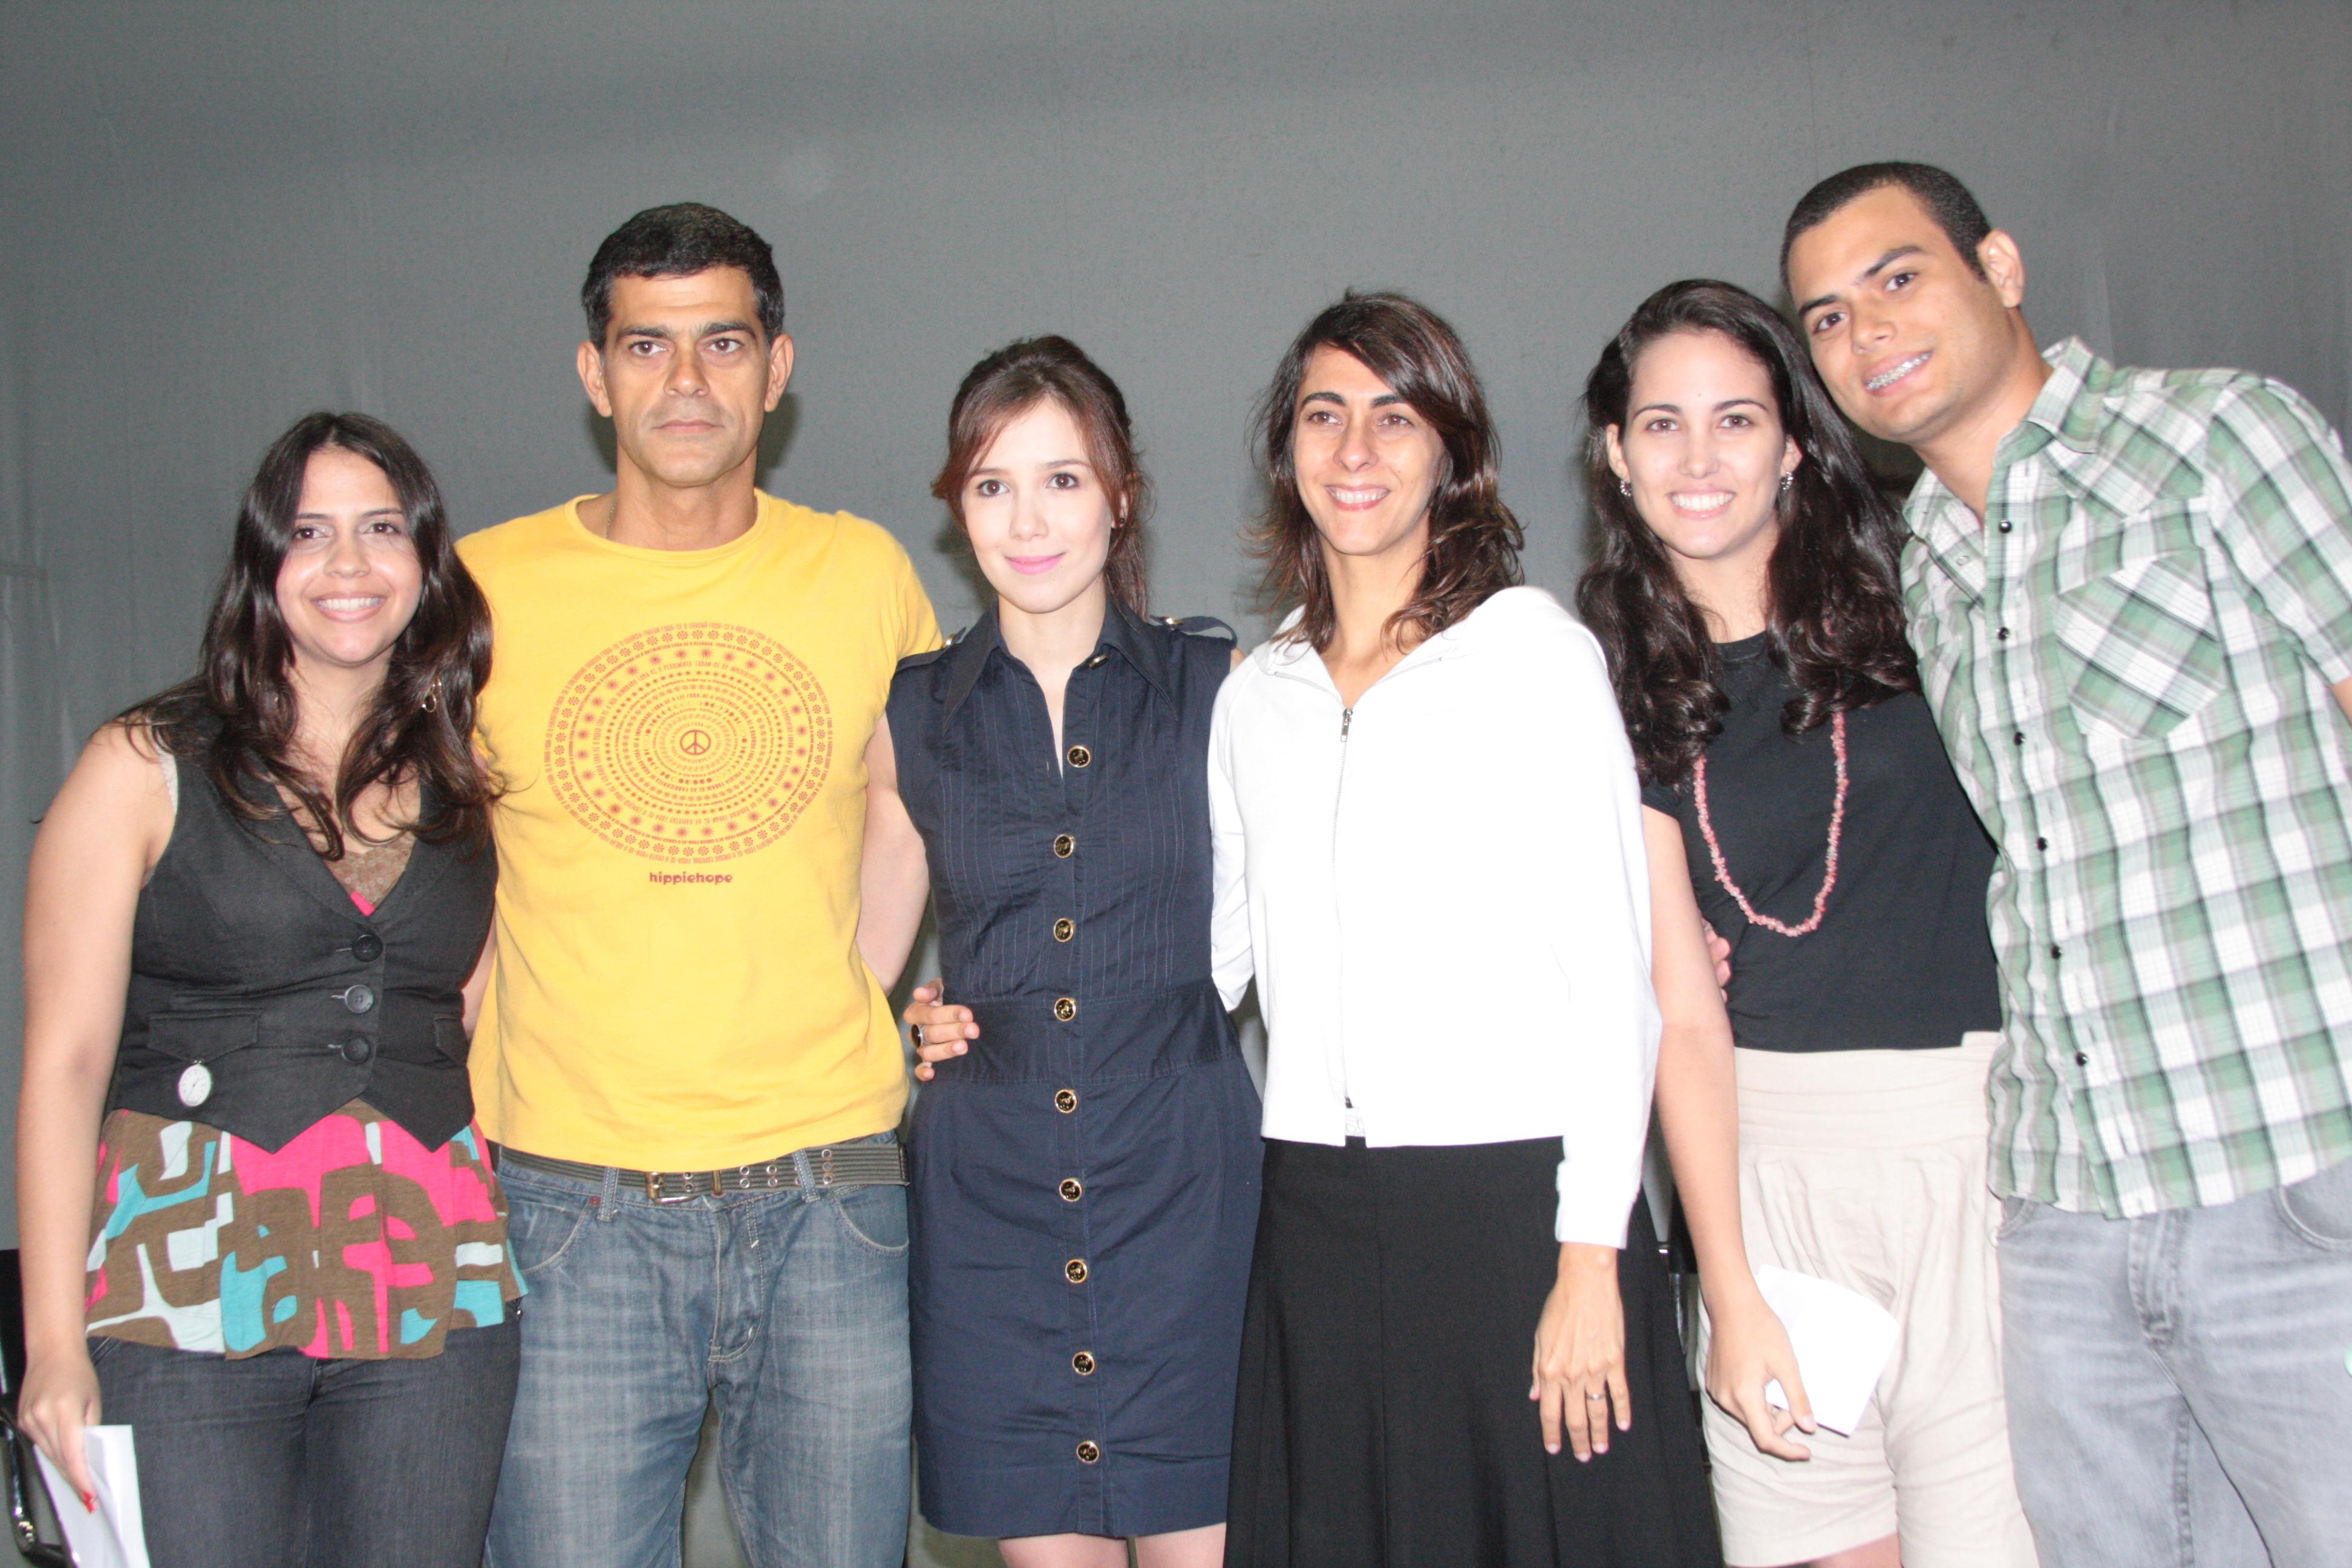 http://blogdolabjor.files.wordpress.com/2010/04/todos-121.jpg